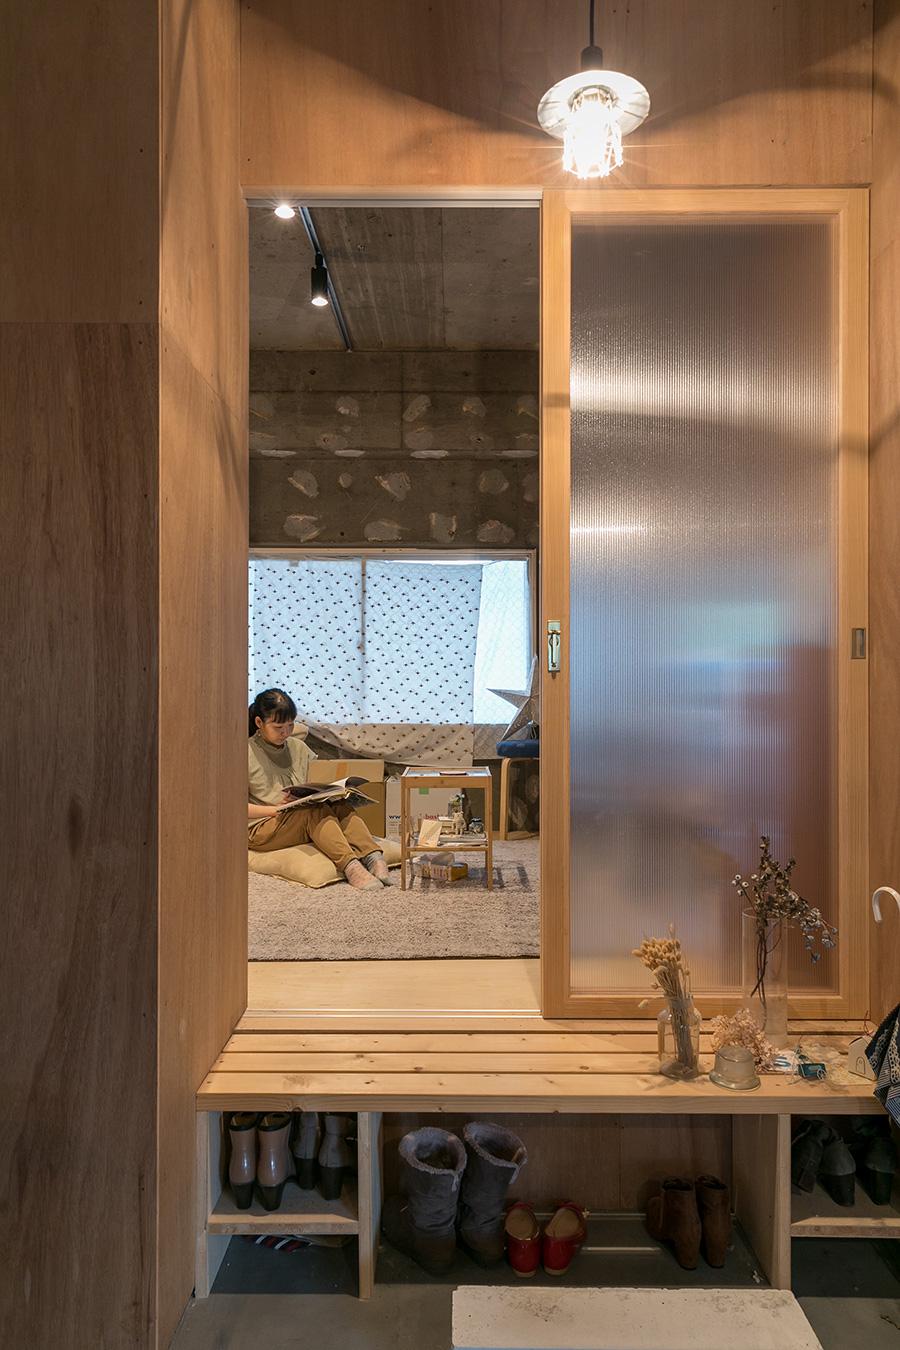 鶴田さんの部屋。縁側のような段差を上がり部屋に入る。靴はそれぞれの個室の入口で収納管理する。1段高くなっている居室の床下は物入れになっている。